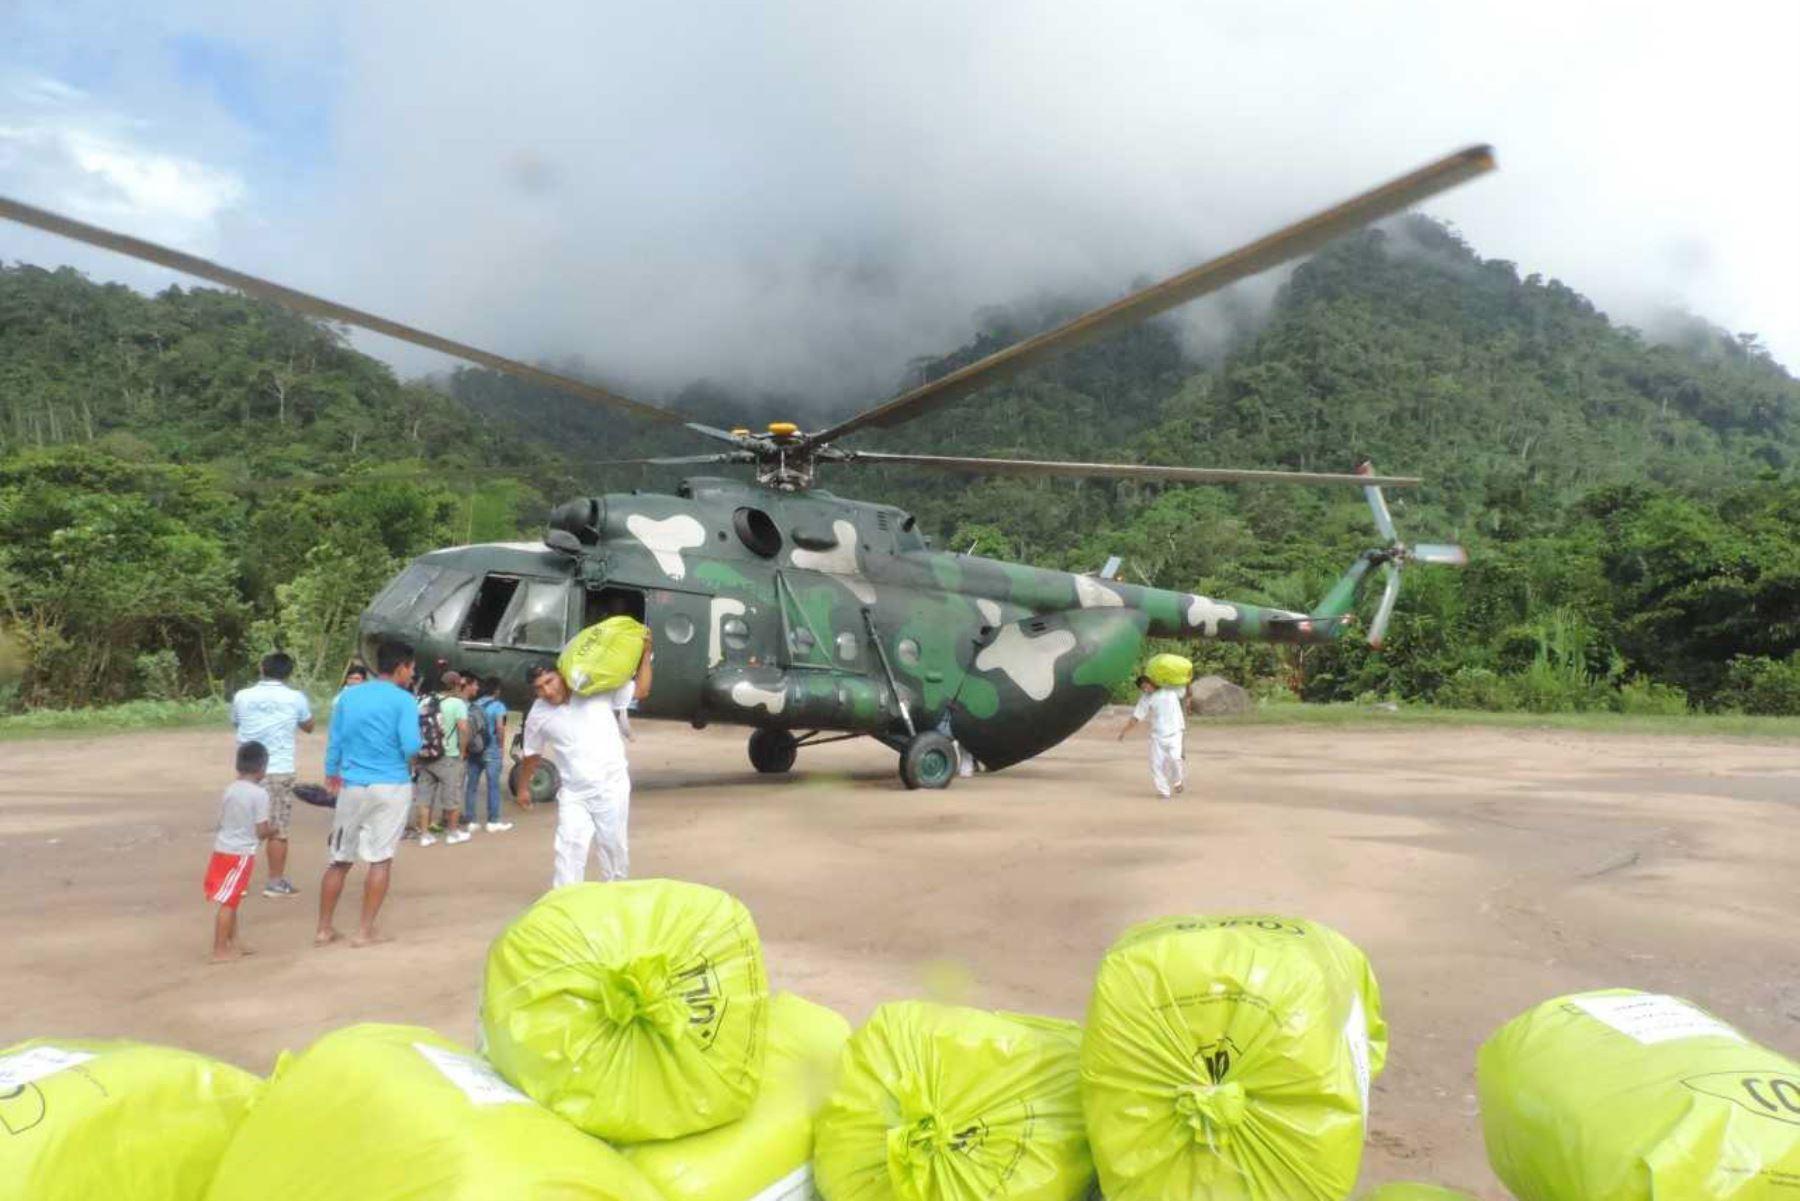 El Ministerio de Desarrollo e Inclusión Social (Midis), a través del Programa Nacional de Alimentación Escolar Qali Warma, inició el reparto de la tercera entrega de alimentos, mediante vuelos en helicóptero a las instituciones educativas de comunidades indígenas de las provincias fronterizas de Bagua y Condorcanqui, en la región Amazonas.